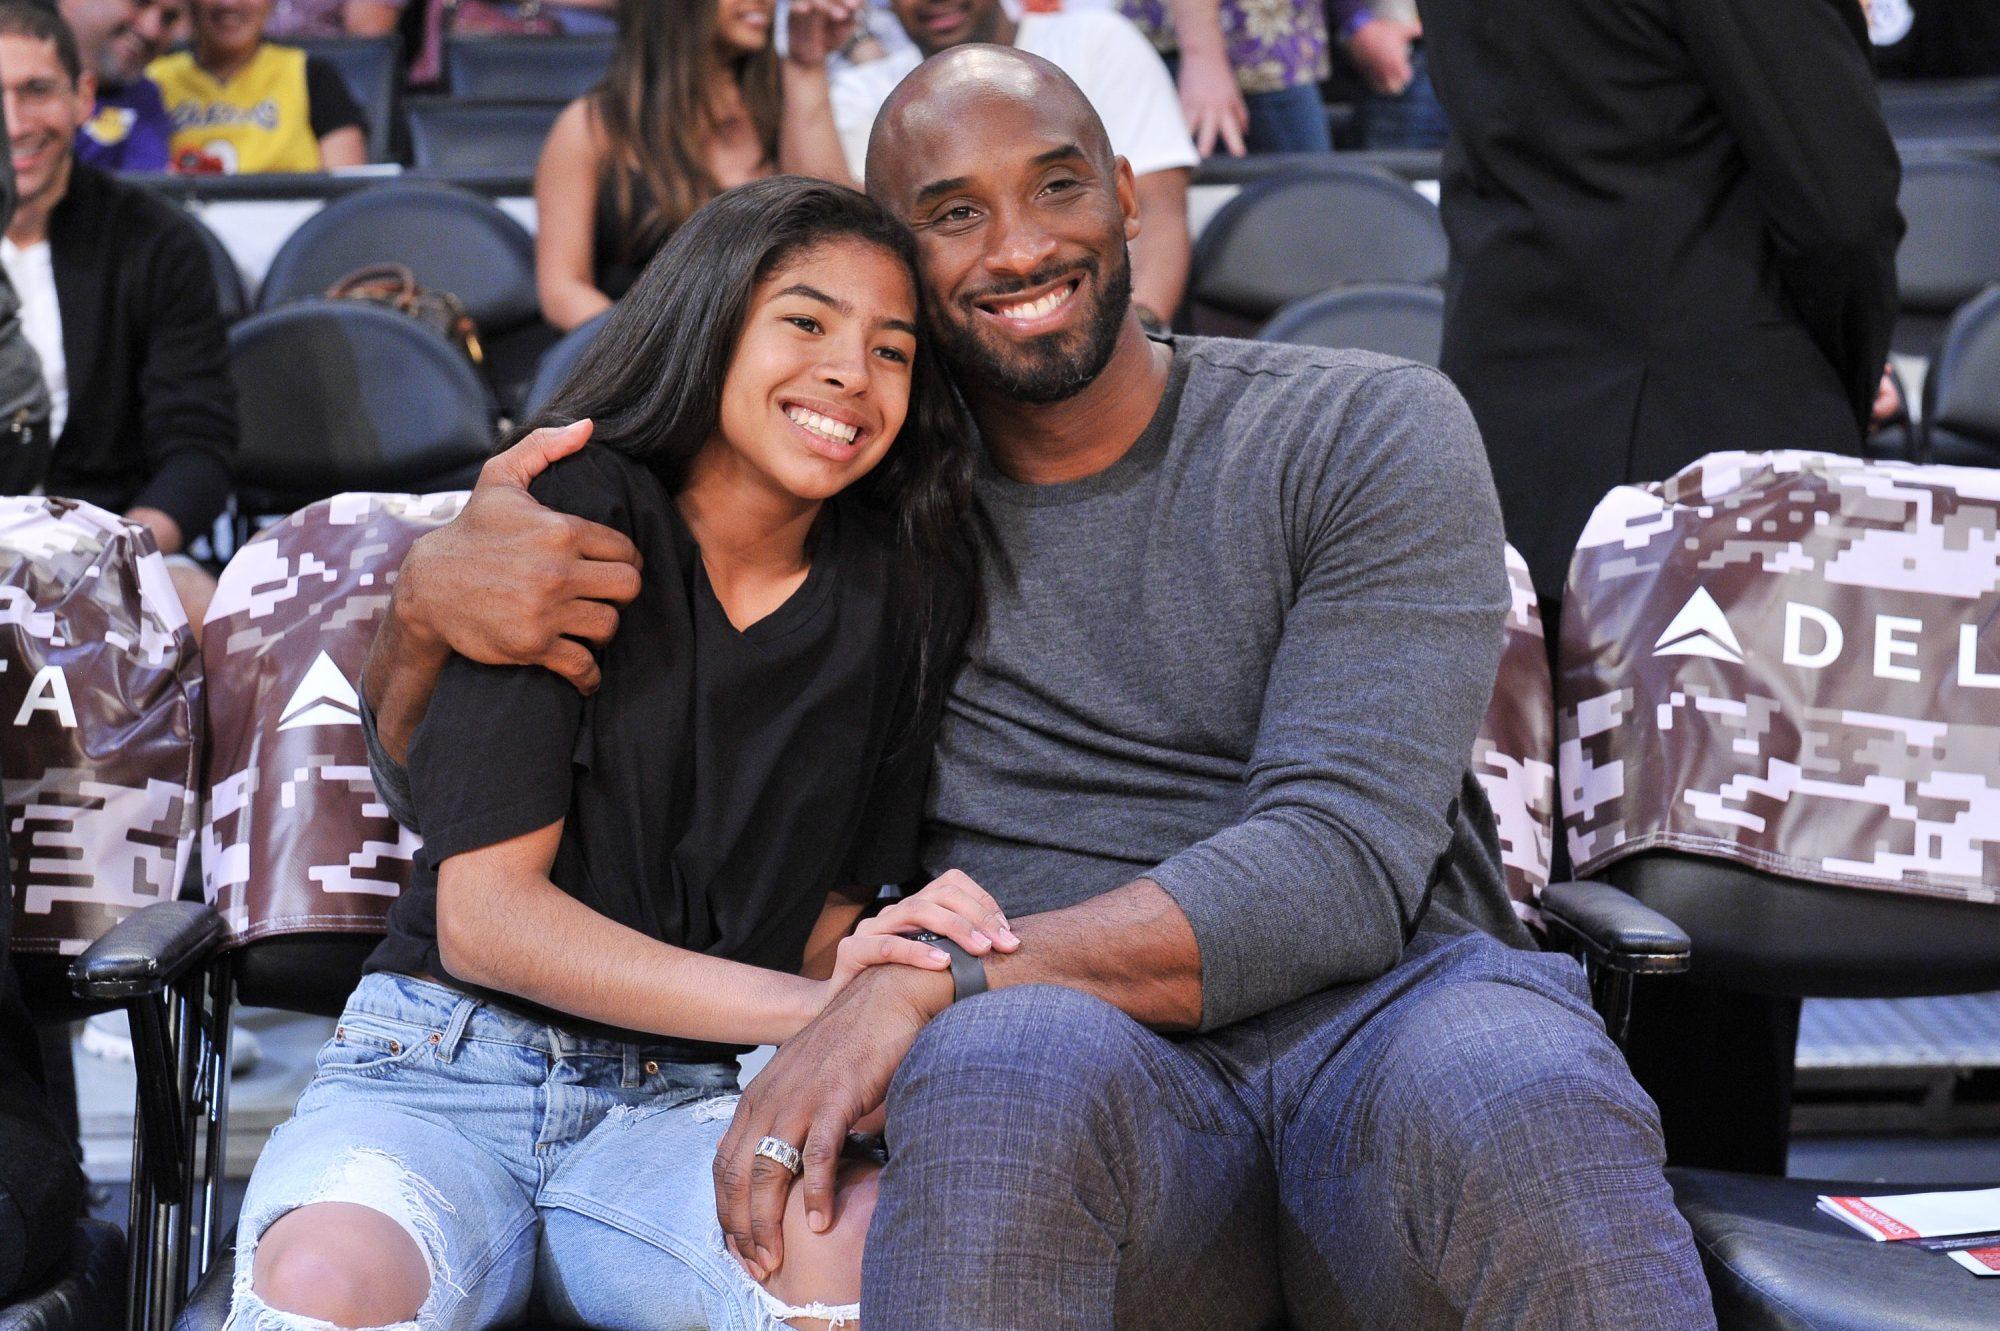 Kobe Bryant and his daughter Gianna Bryant